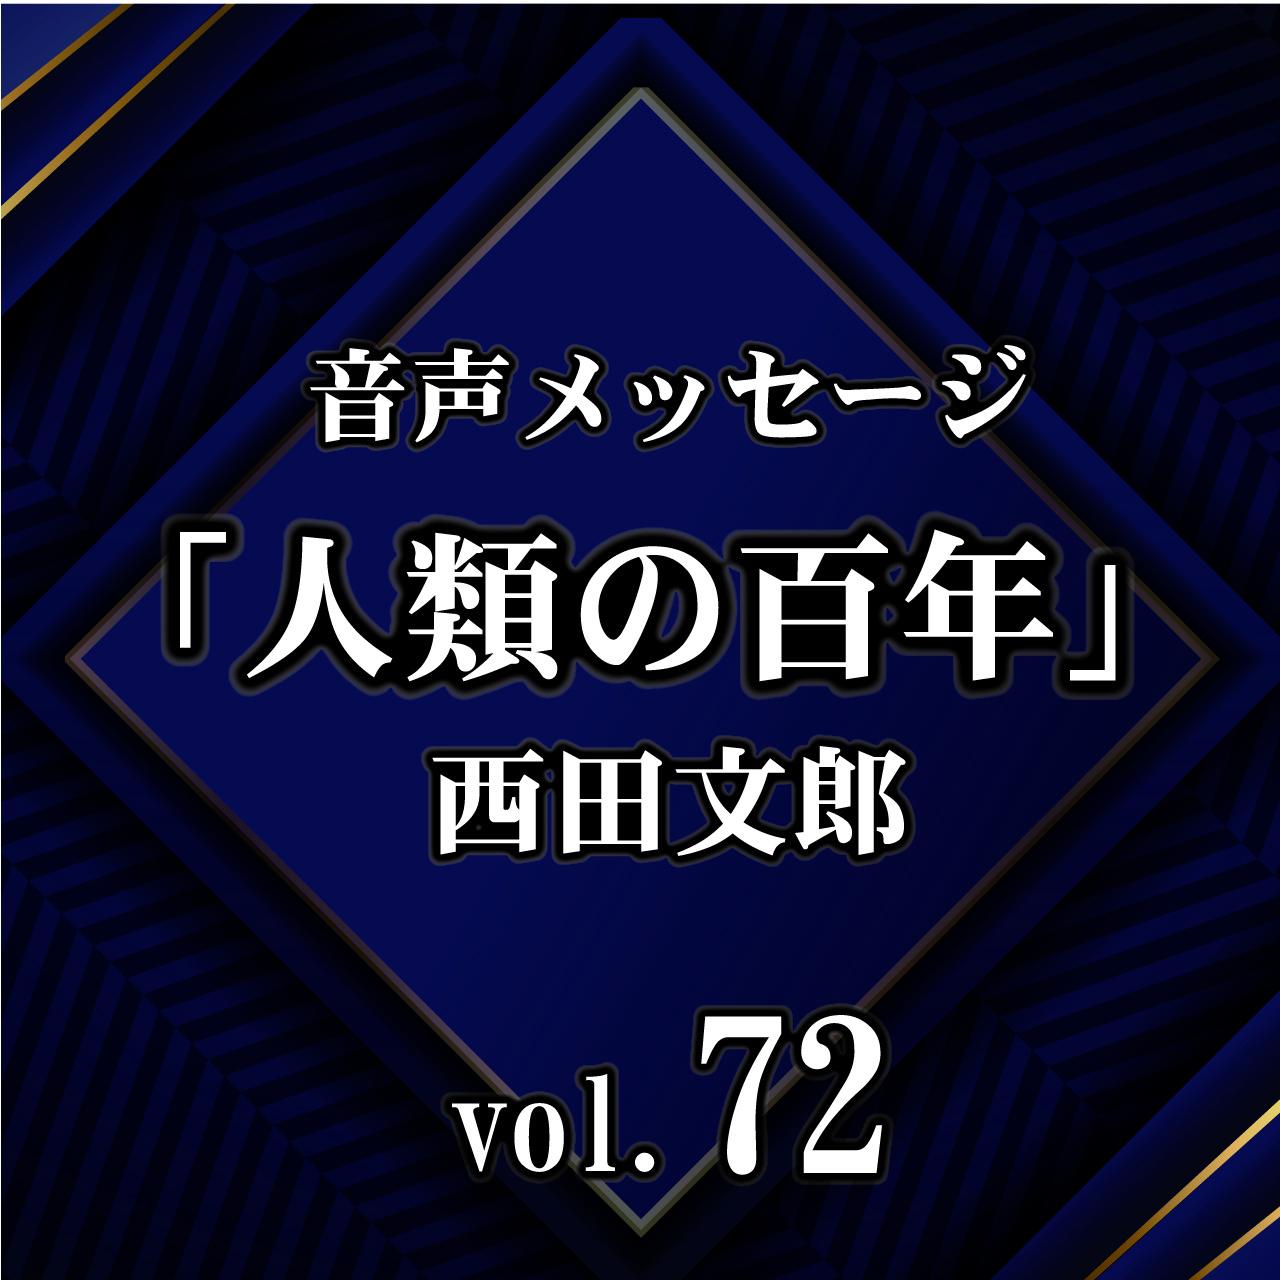 西田文郎 音声メッセージvol.72『人類の百年』